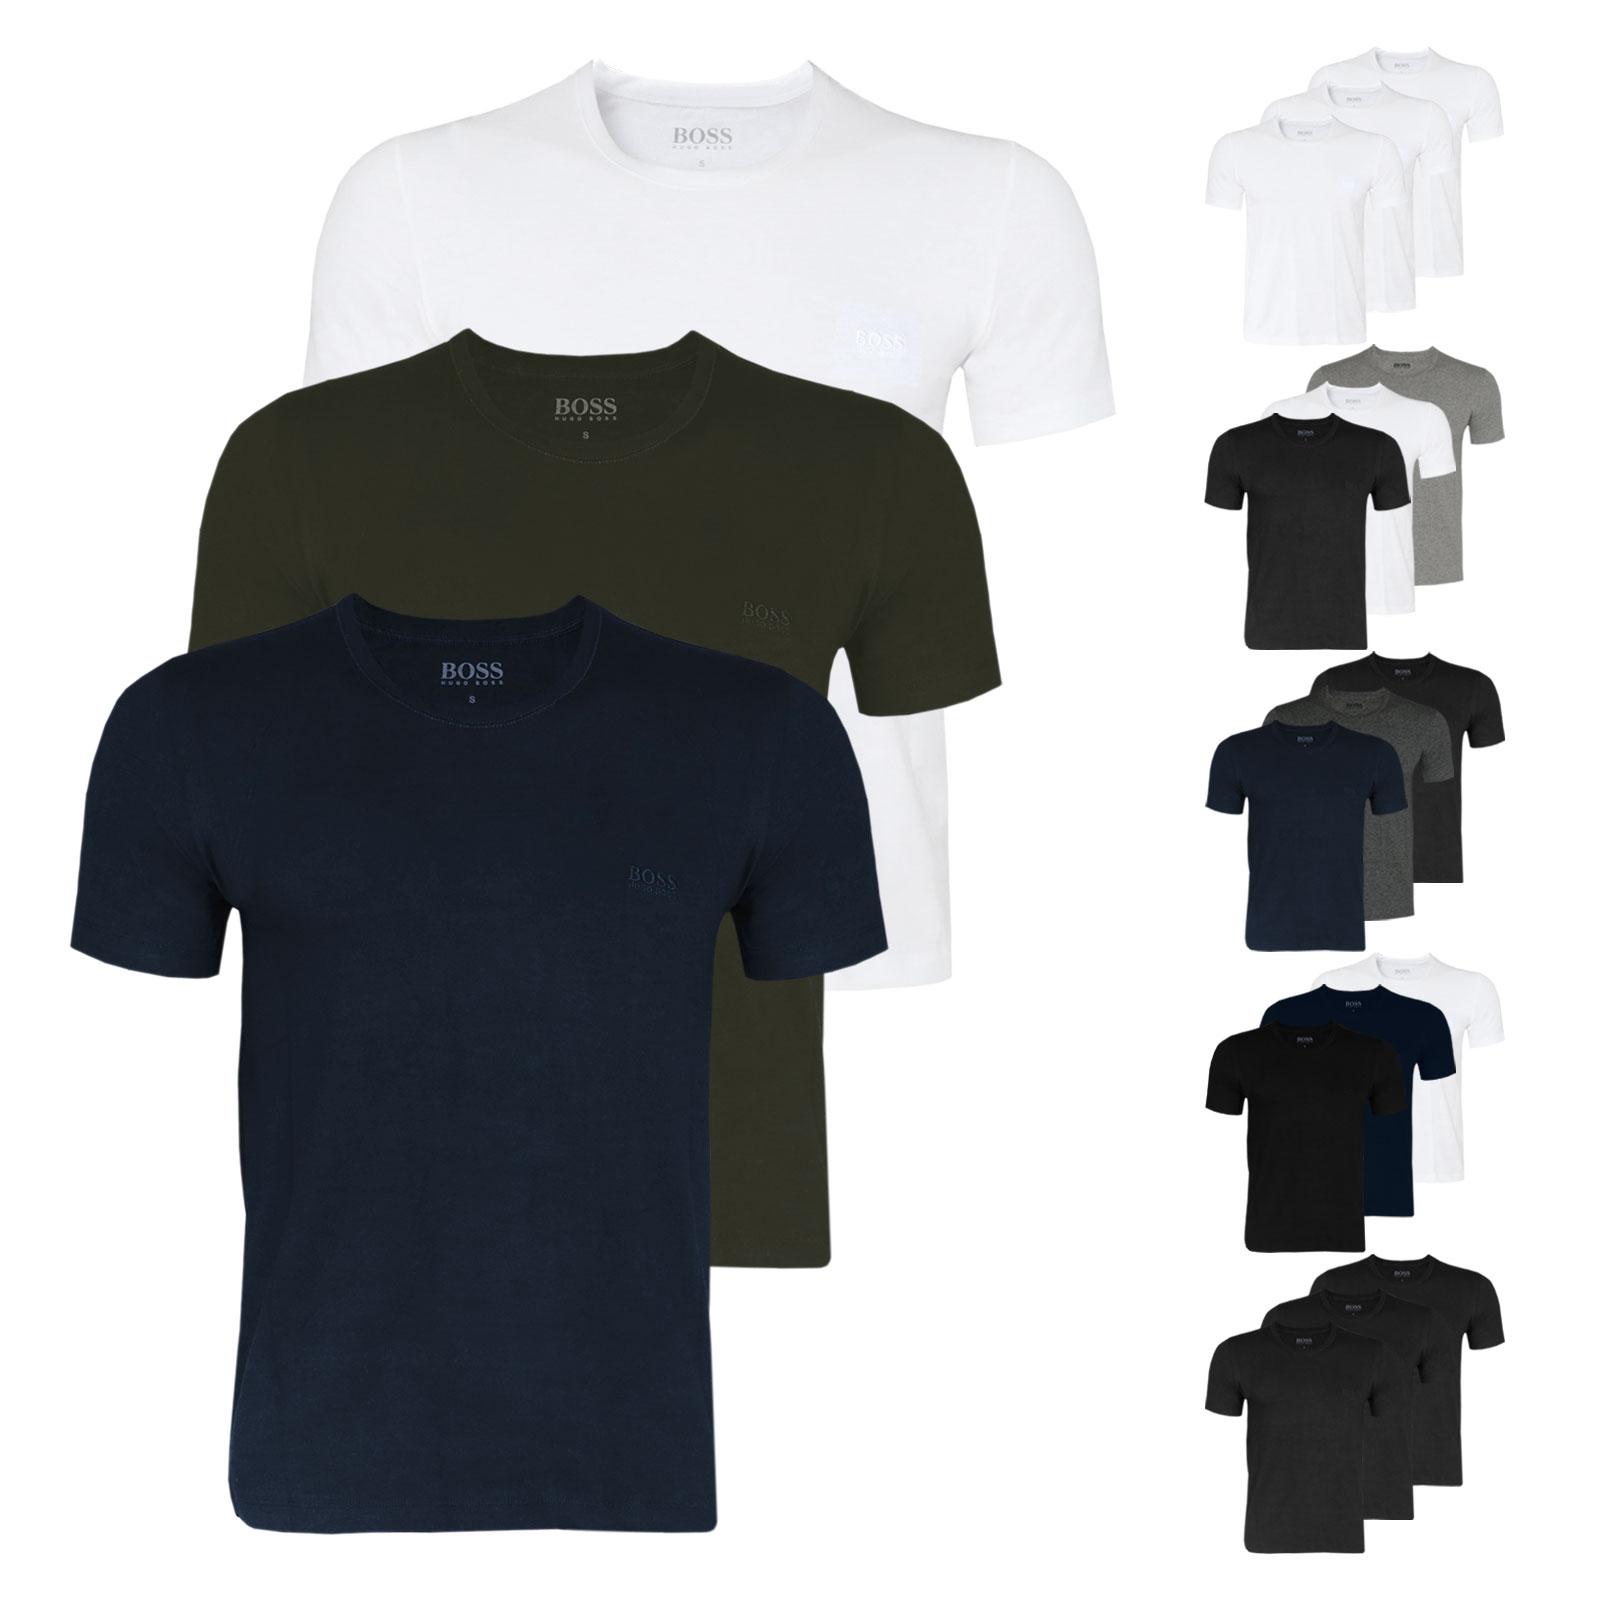 Hugo Boss Business T-Shirts (2x3er Pack = 6 Shirts für 48€ mit Gutschein / oder 3 für 30€)